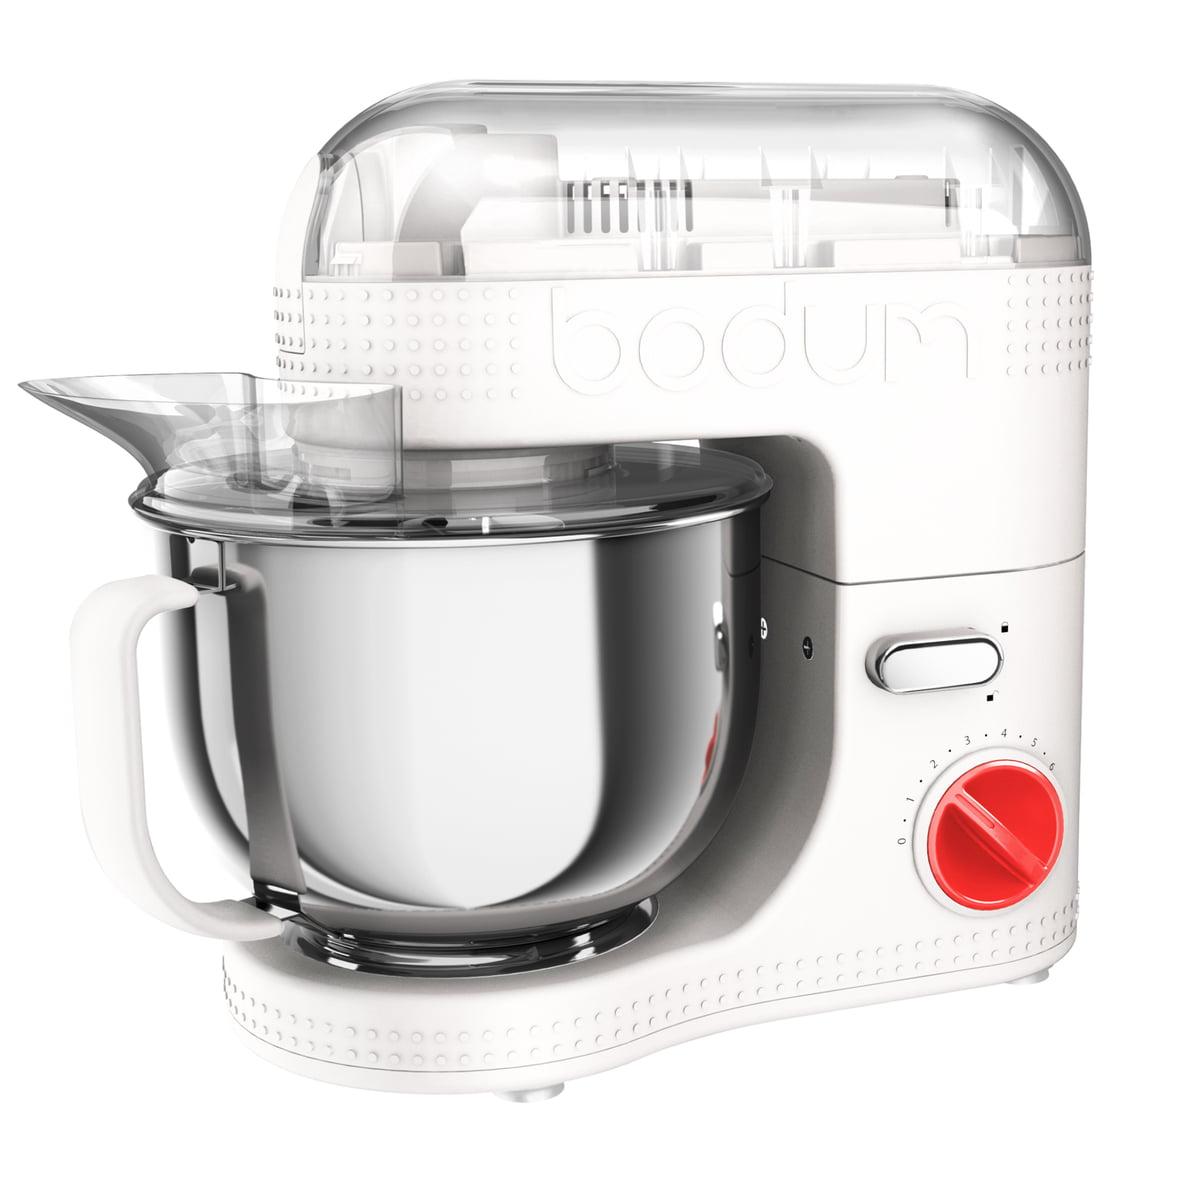 Bodum - Bistro elektrische Küchenmaschine 4,7 l, weiß | Küche und Esszimmer > Küchengeräte | Weiß | Kunststoff -  gummi -  edelstahl | Bodum